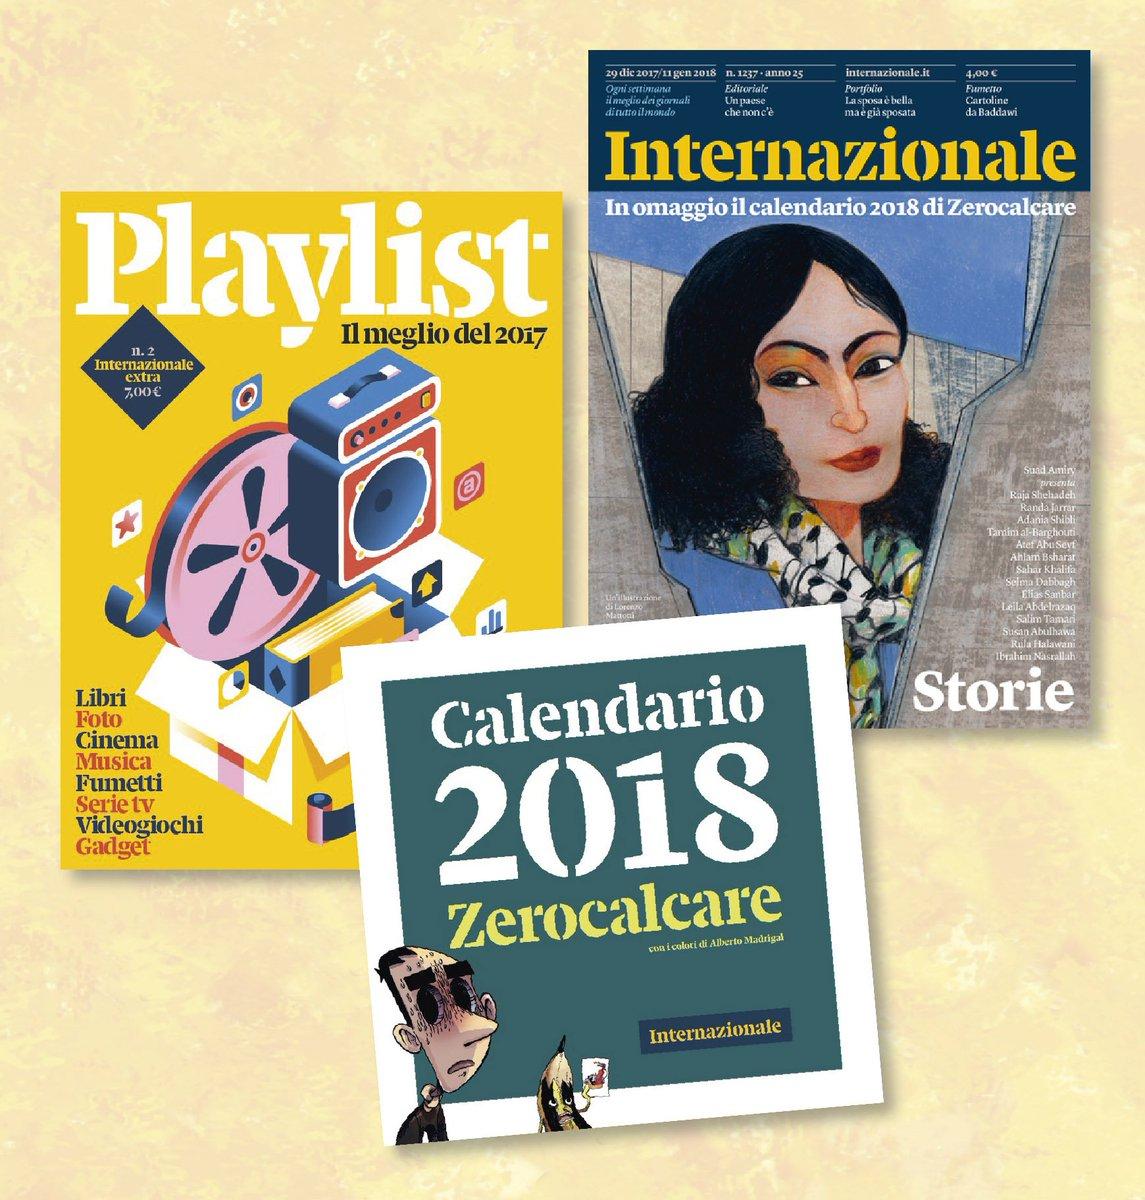 Calendario Internazionale.Pasquale Cavorsi On Twitter In Edicola Internazionale E